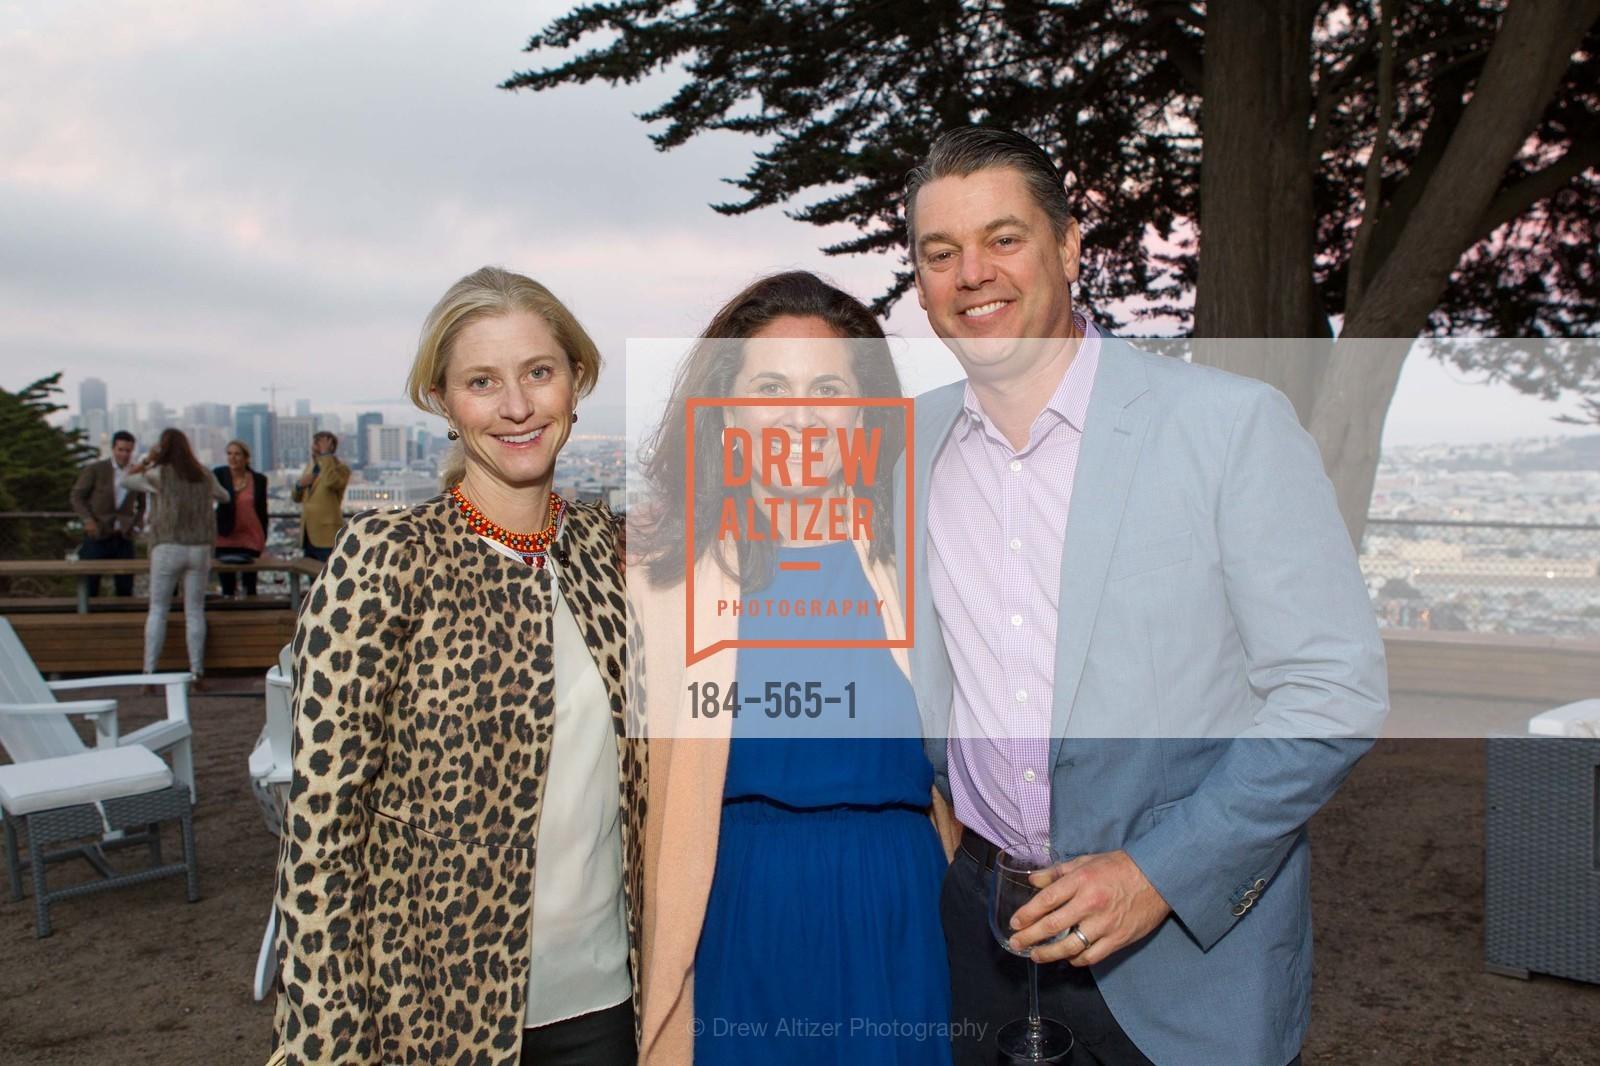 Lisa Hauswirth, Shelley Bransten, Chris Hauswirth, Photo #184-565-1